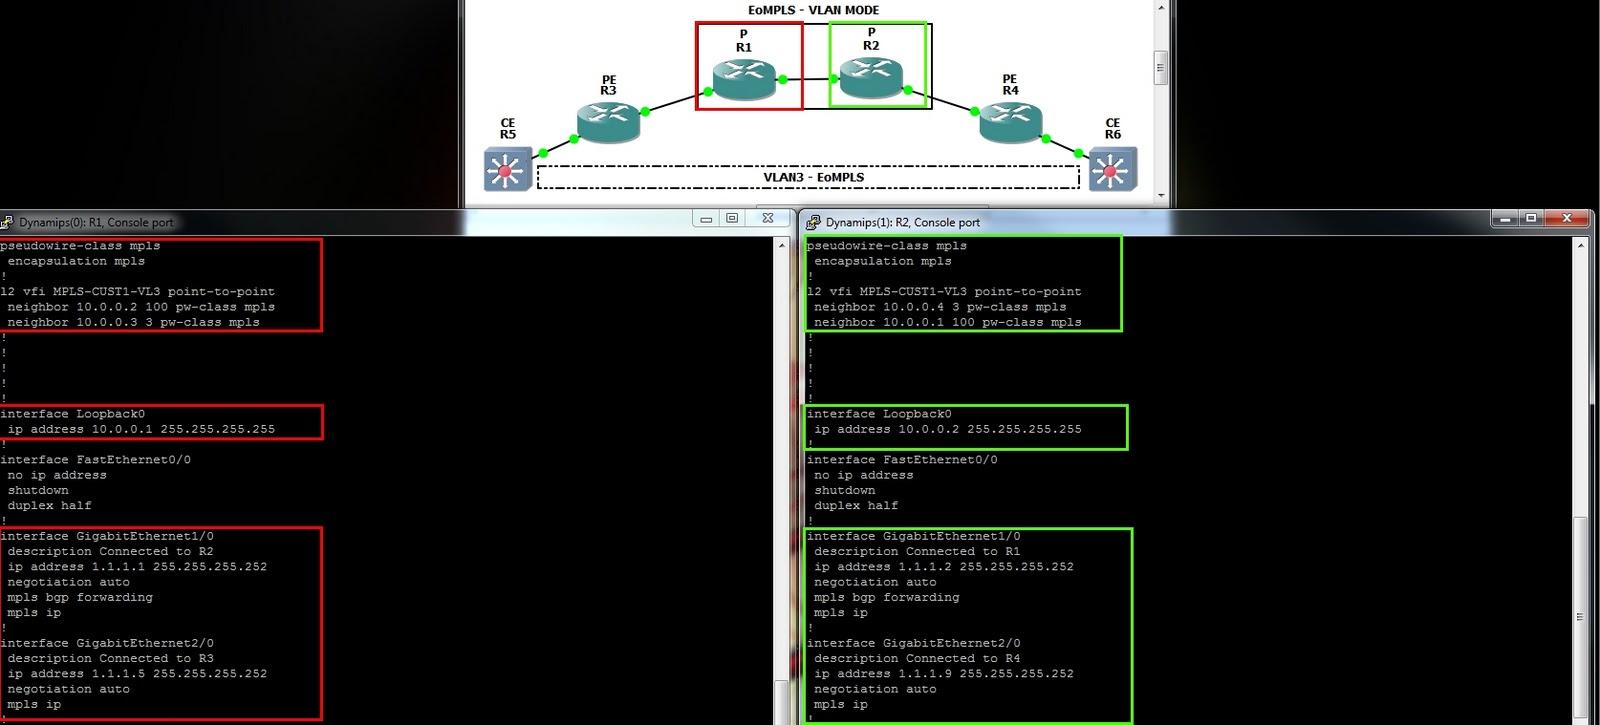 IT Blogtorials: Configuring MPLS EoMPLS VLAN Mode - L2VPN